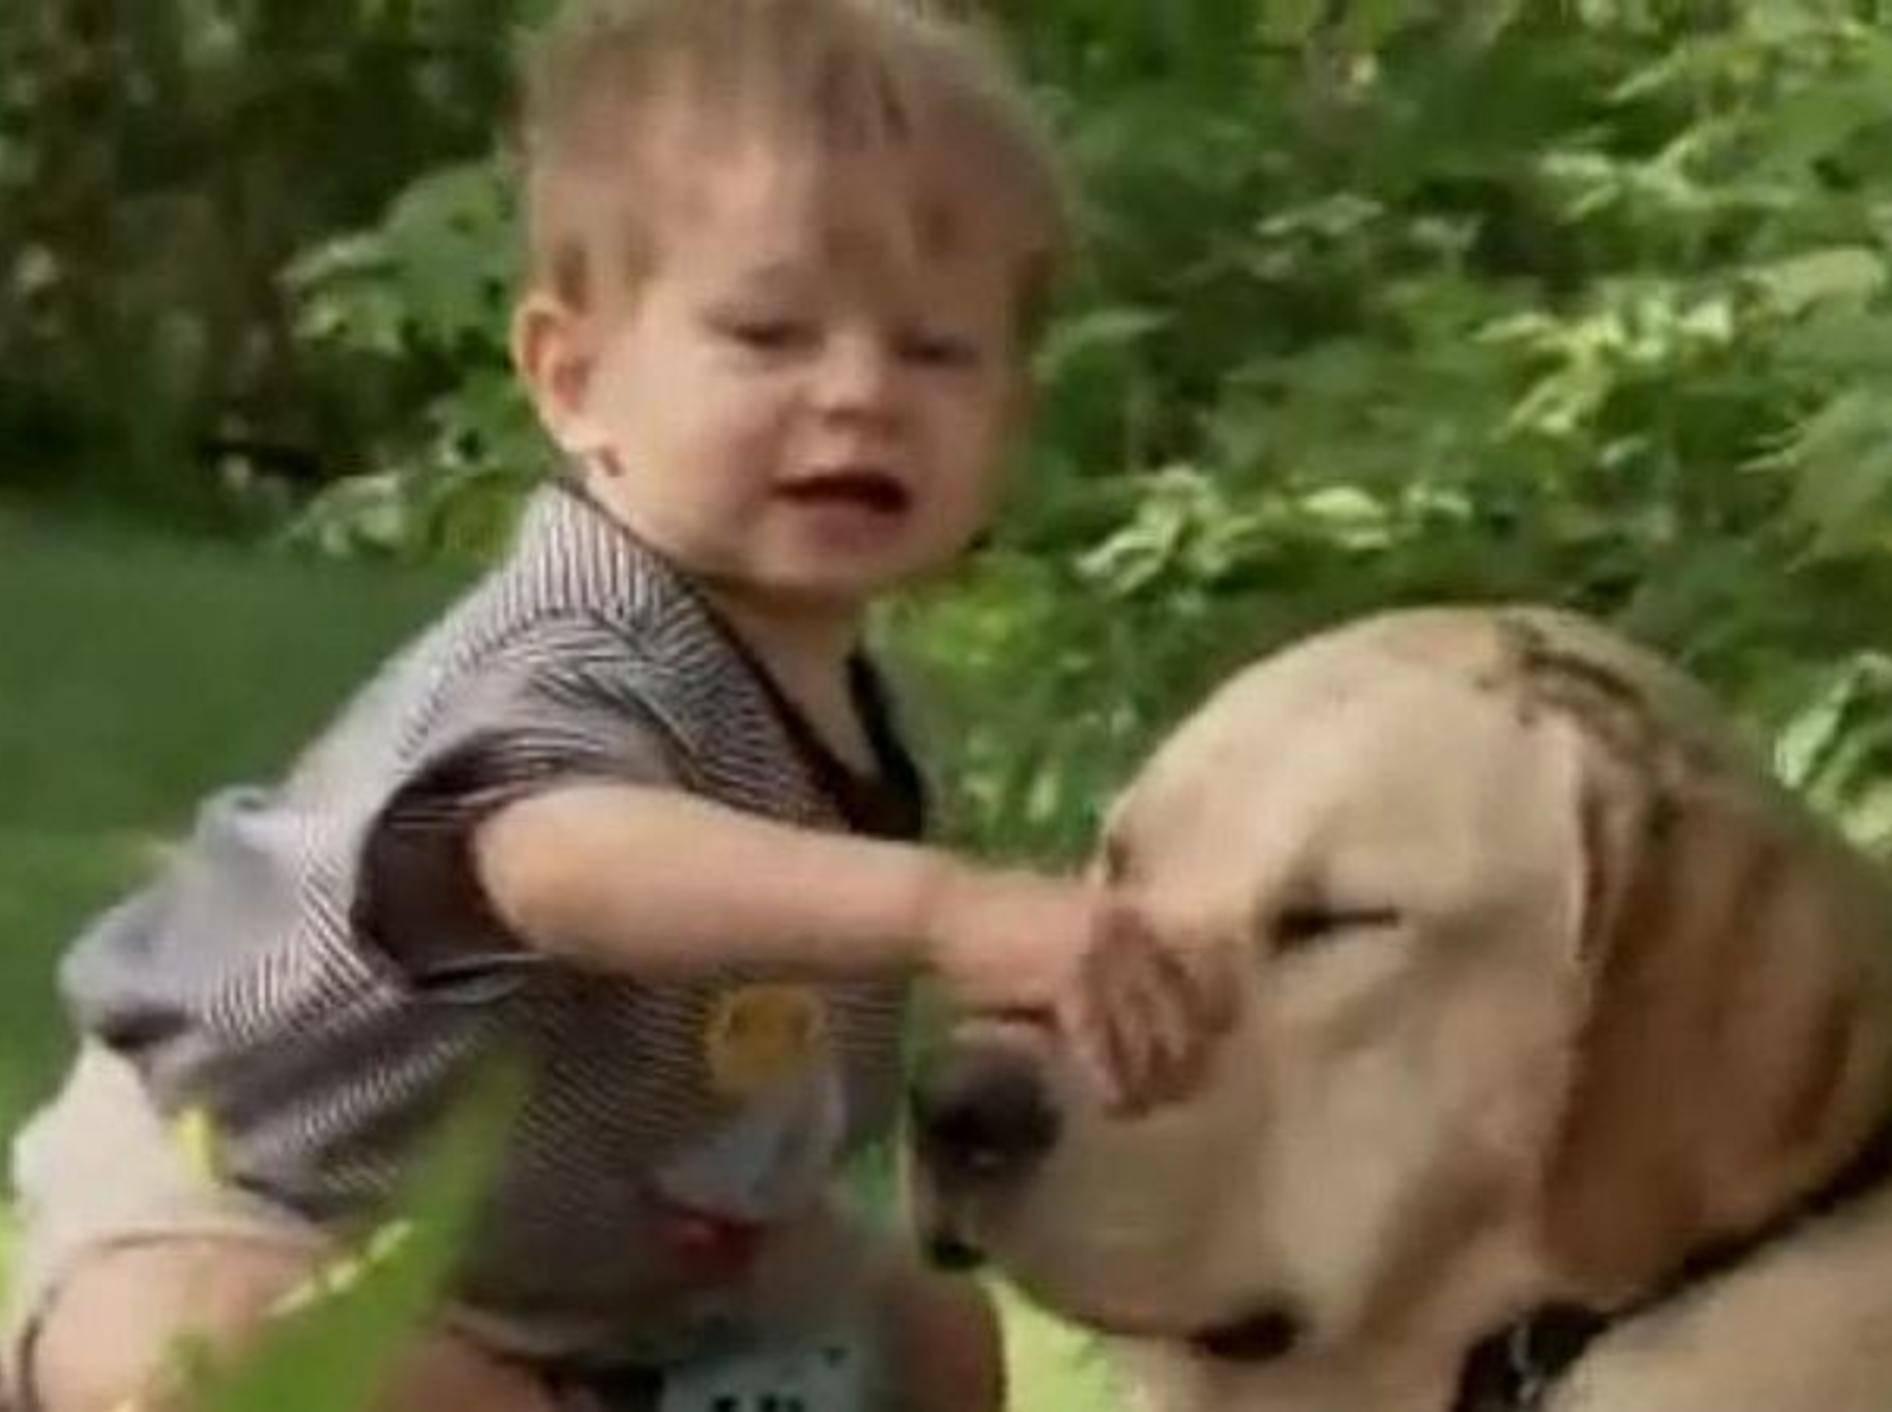 kleiner-junge-spielt-mit-hund